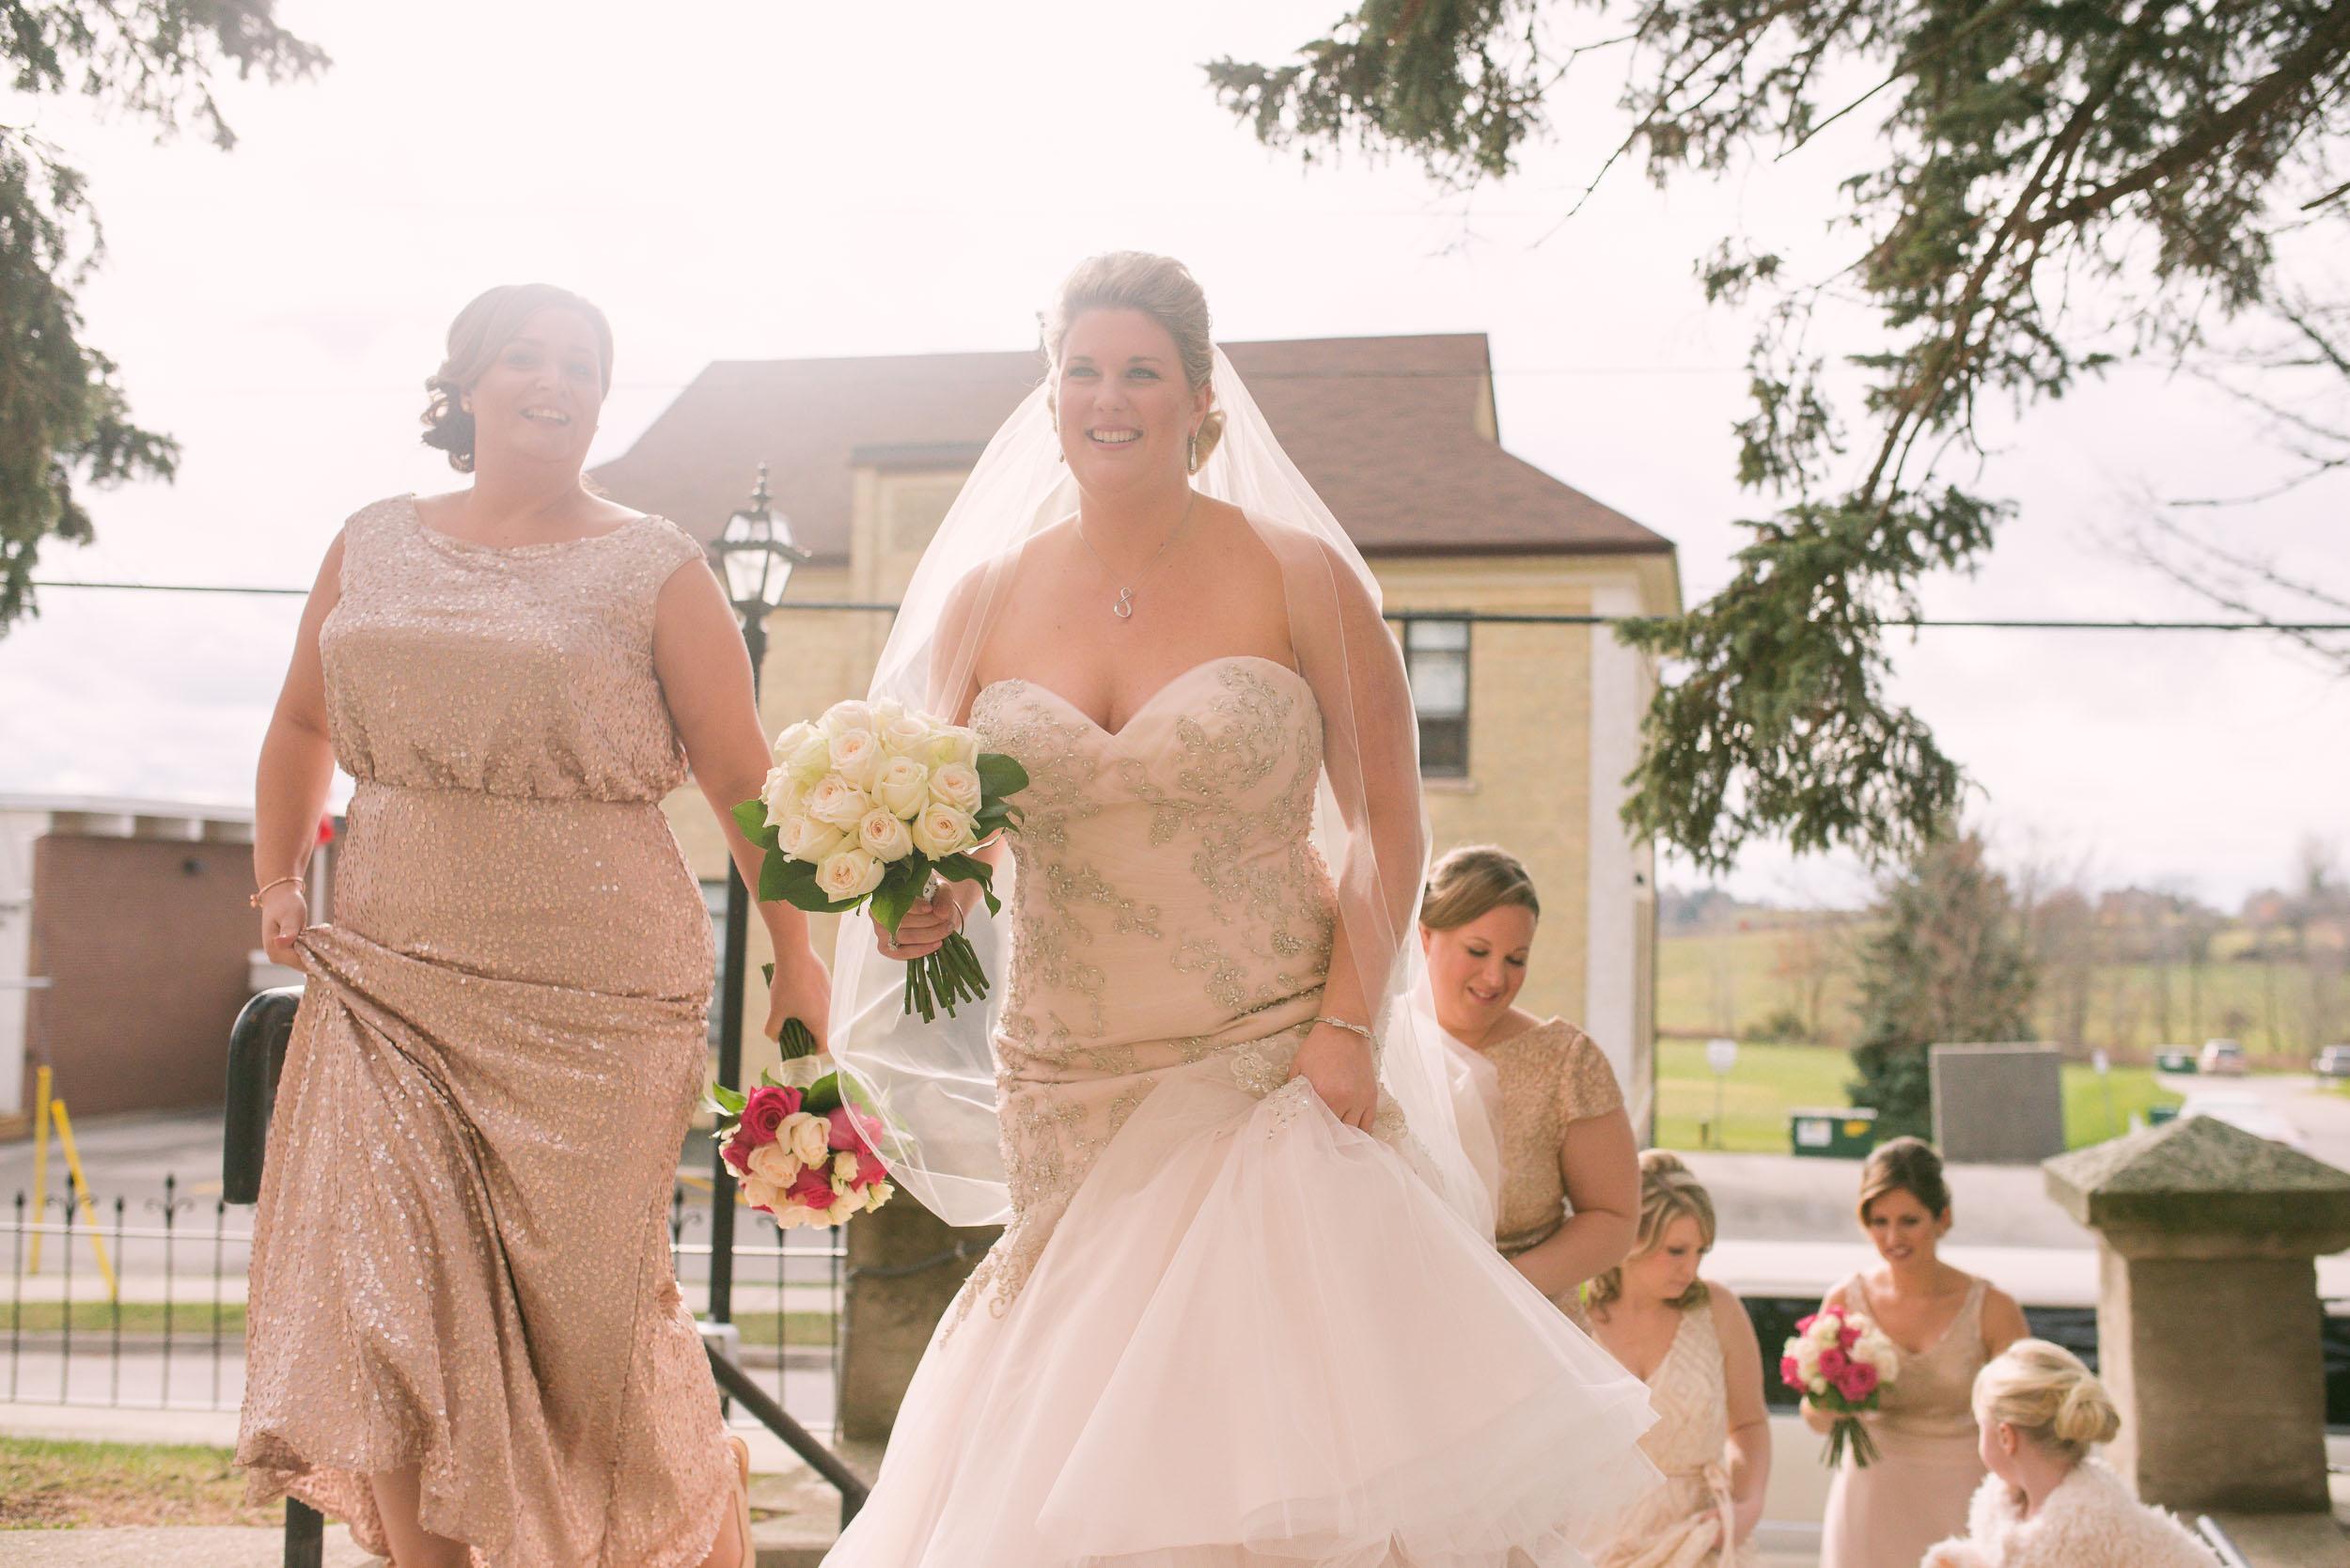 wedding-photography-stratford-davidiam-175.jpg